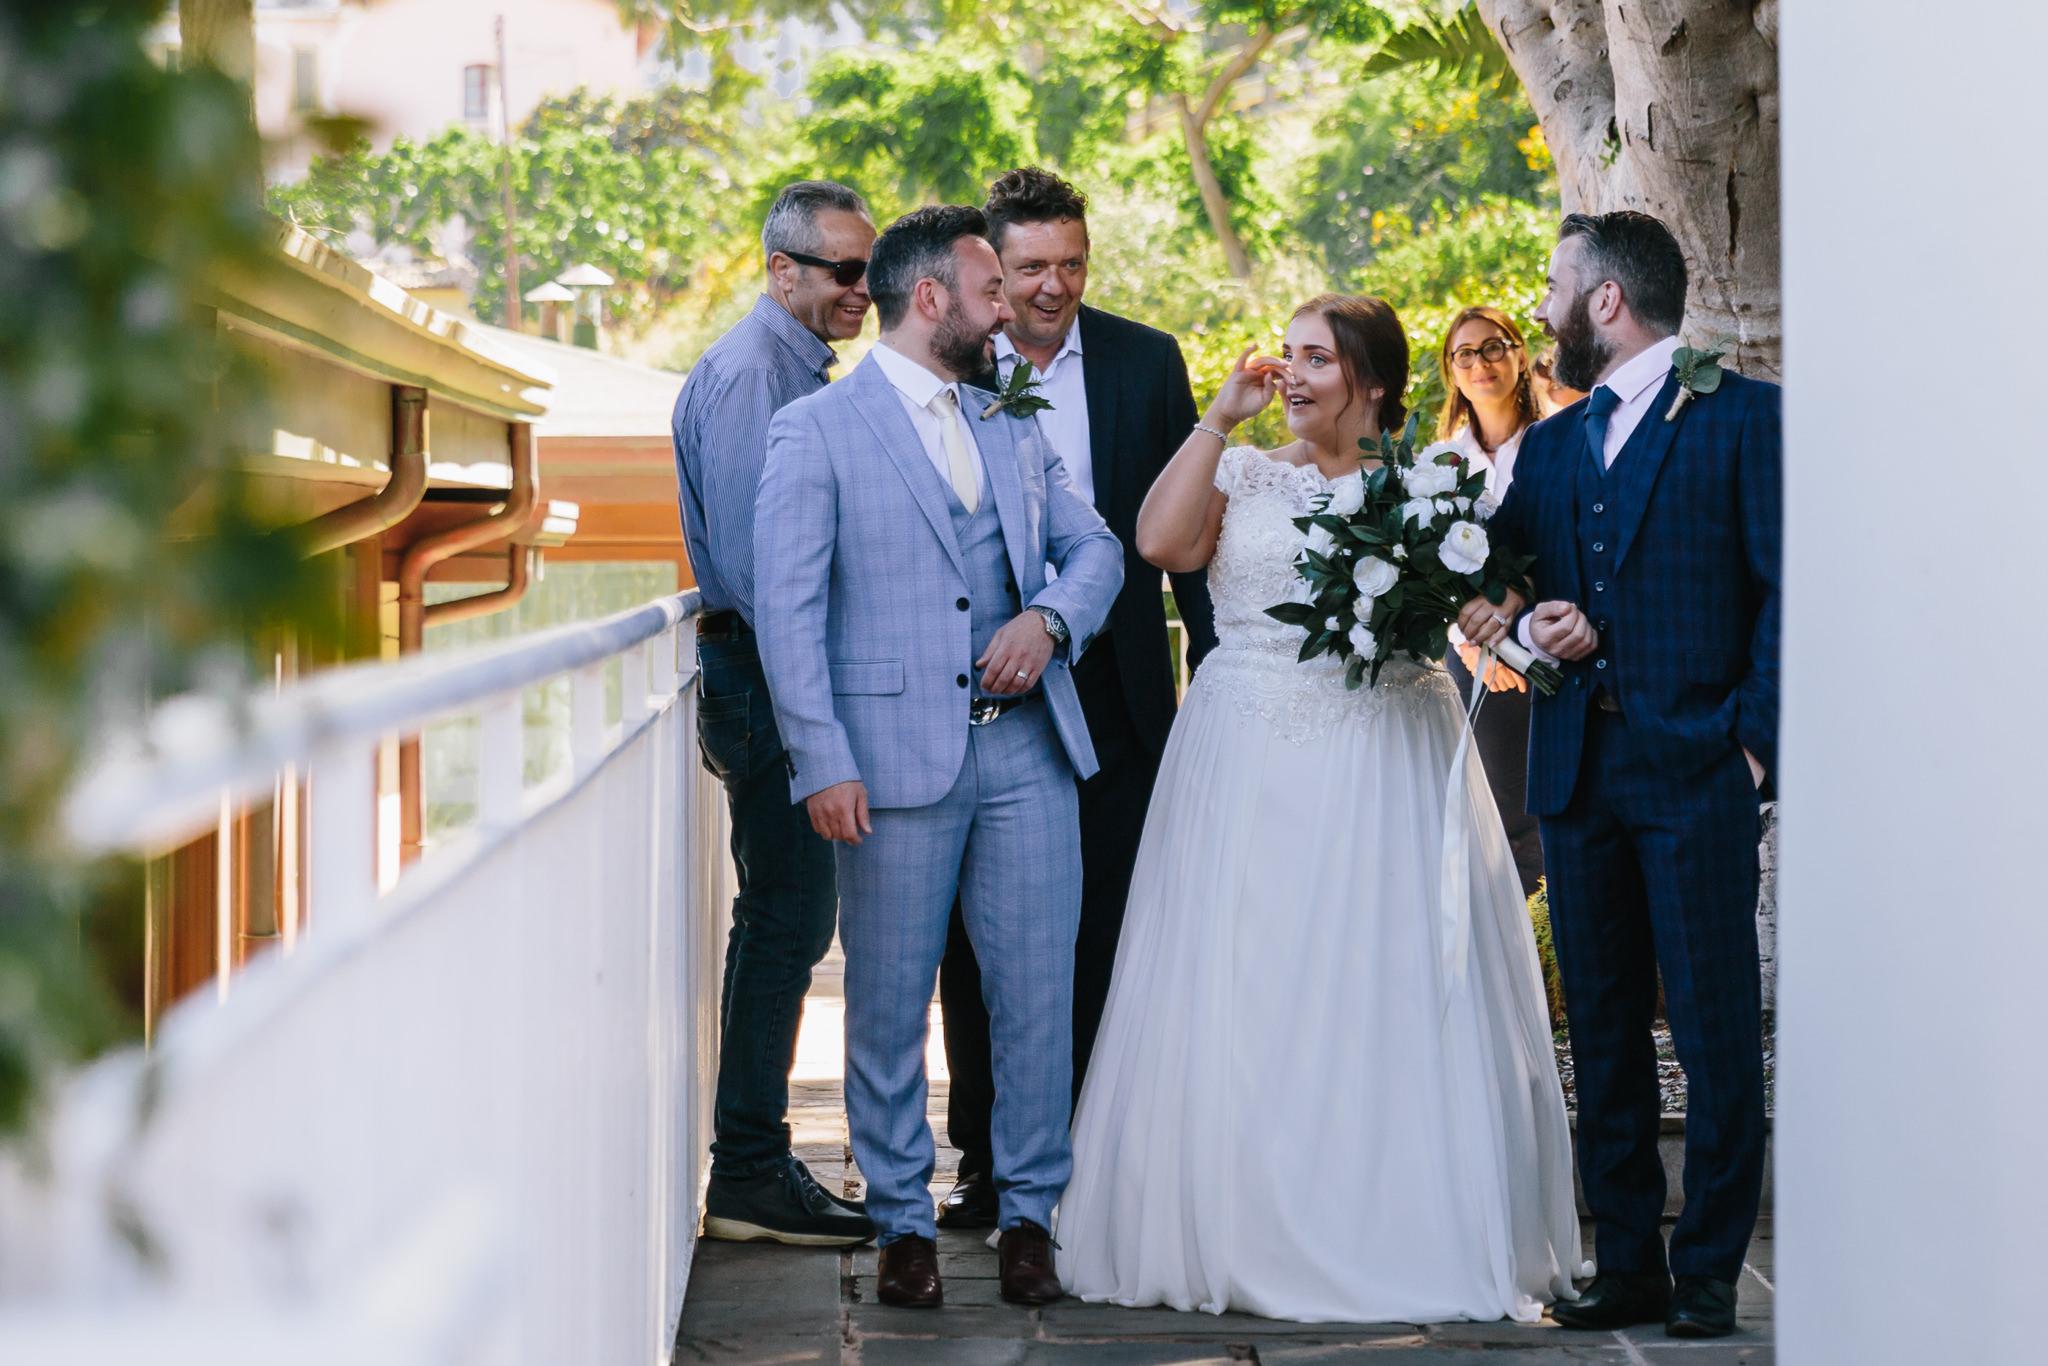 036-2019-04-27-Wedding-Michelle-e-Callum-5DE-456